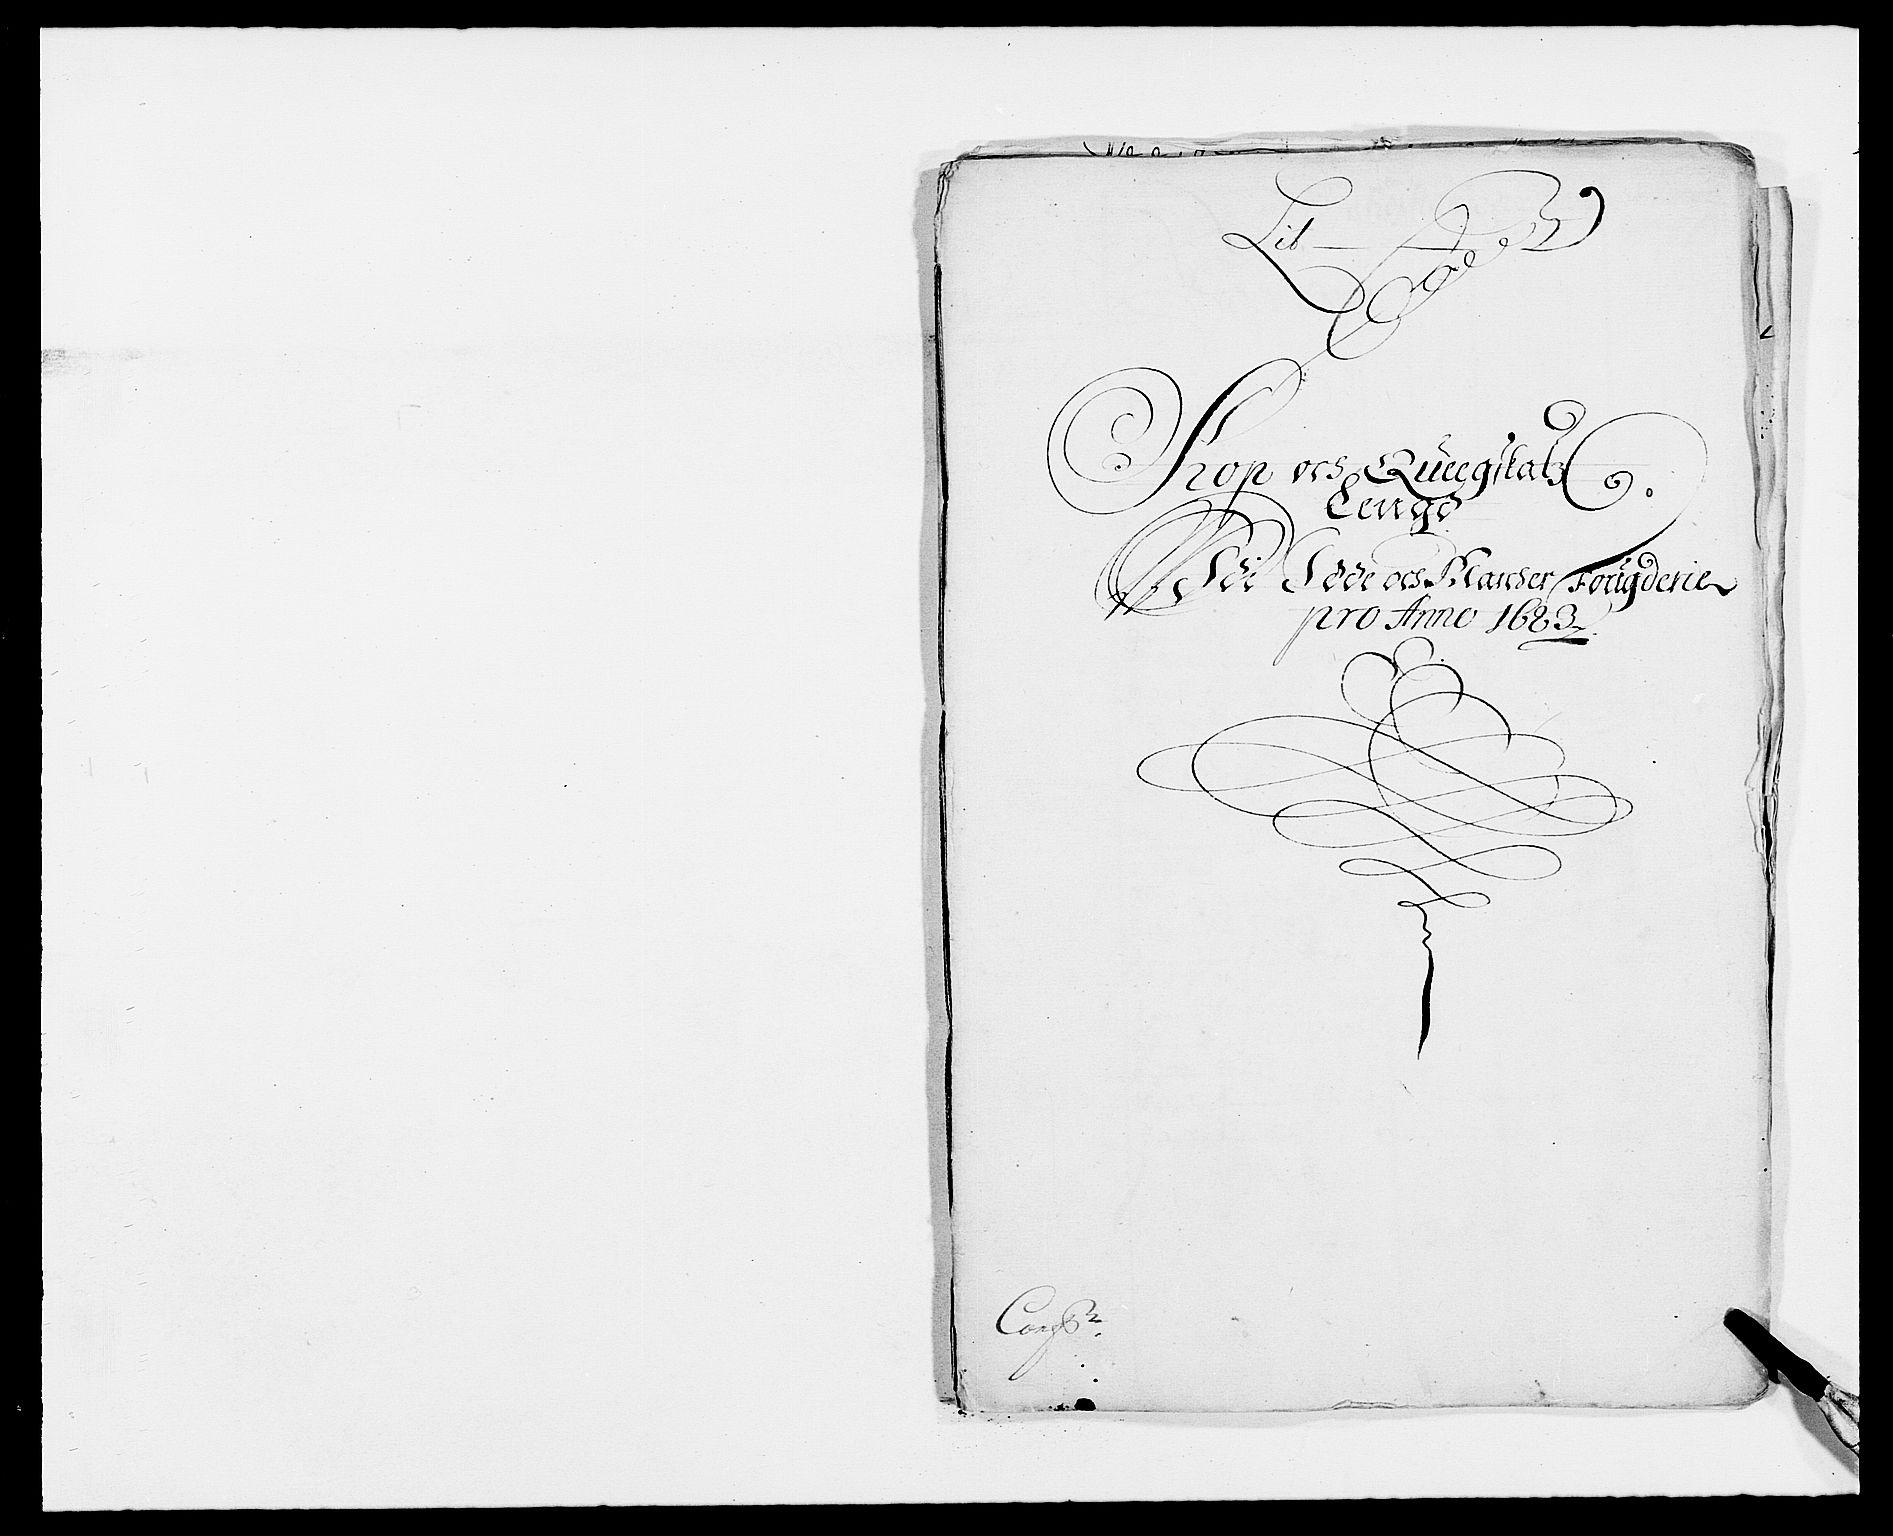 RA, Rentekammeret inntil 1814, Reviderte regnskaper, Fogderegnskap, R01/L0004: Fogderegnskap Idd og Marker , 1682-1683, s. 322